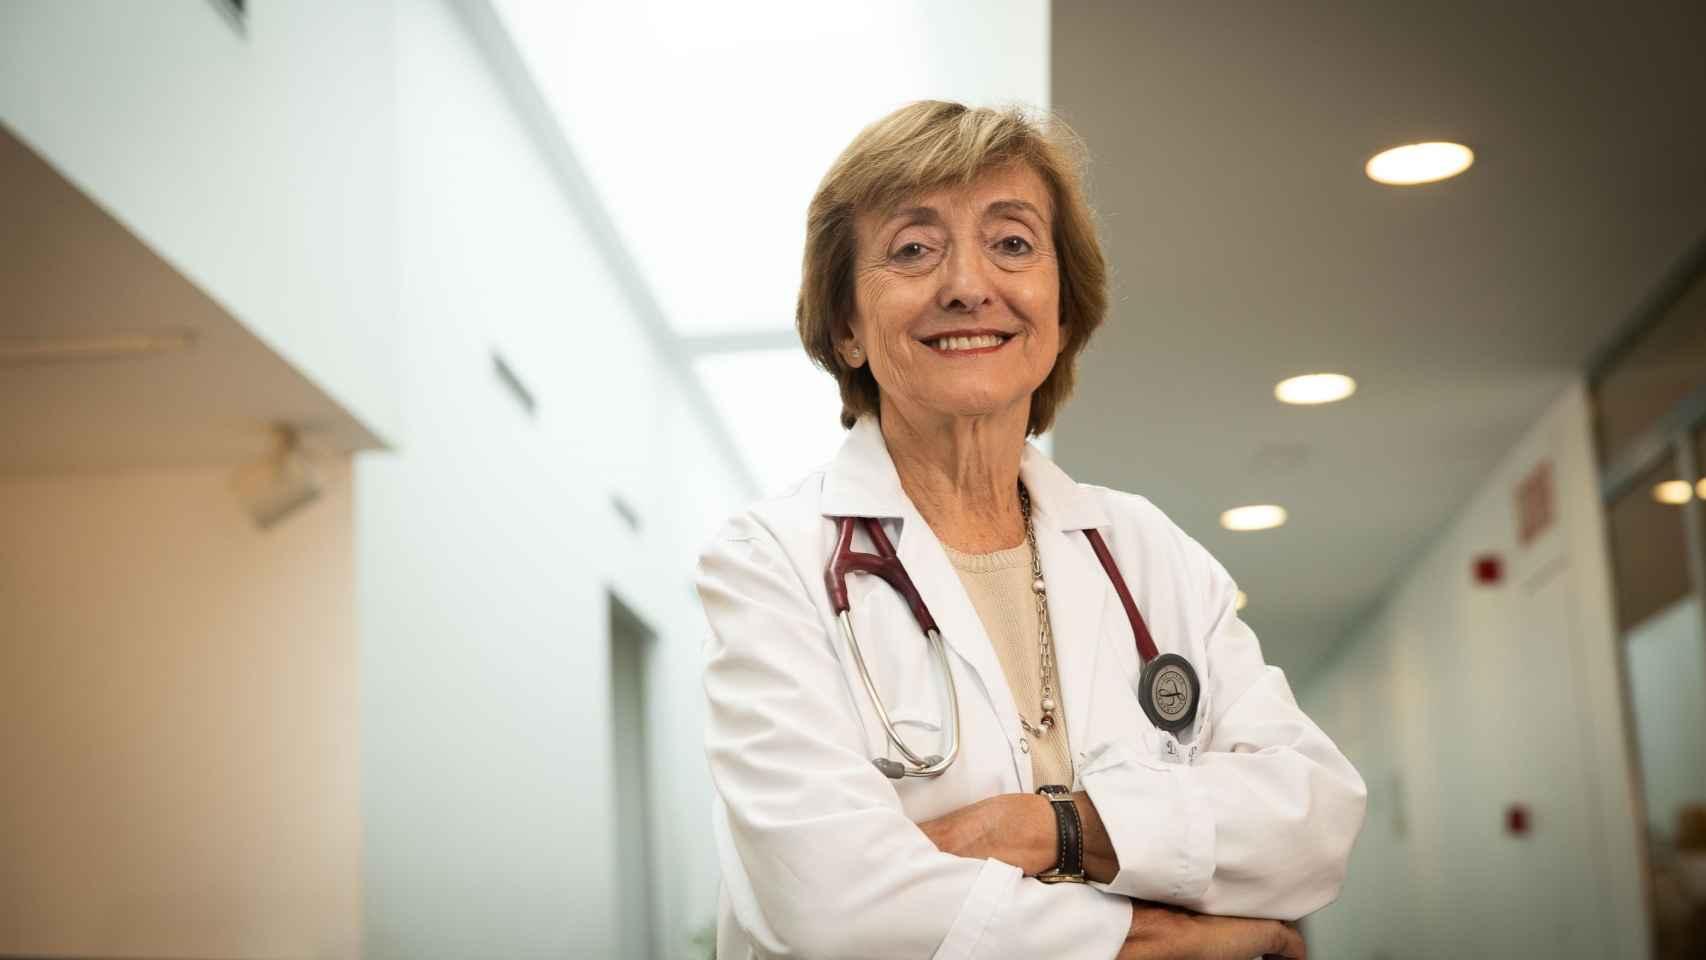 Pilar Tornos, jefa de Cardiología de QuirónSalud Barcelona.